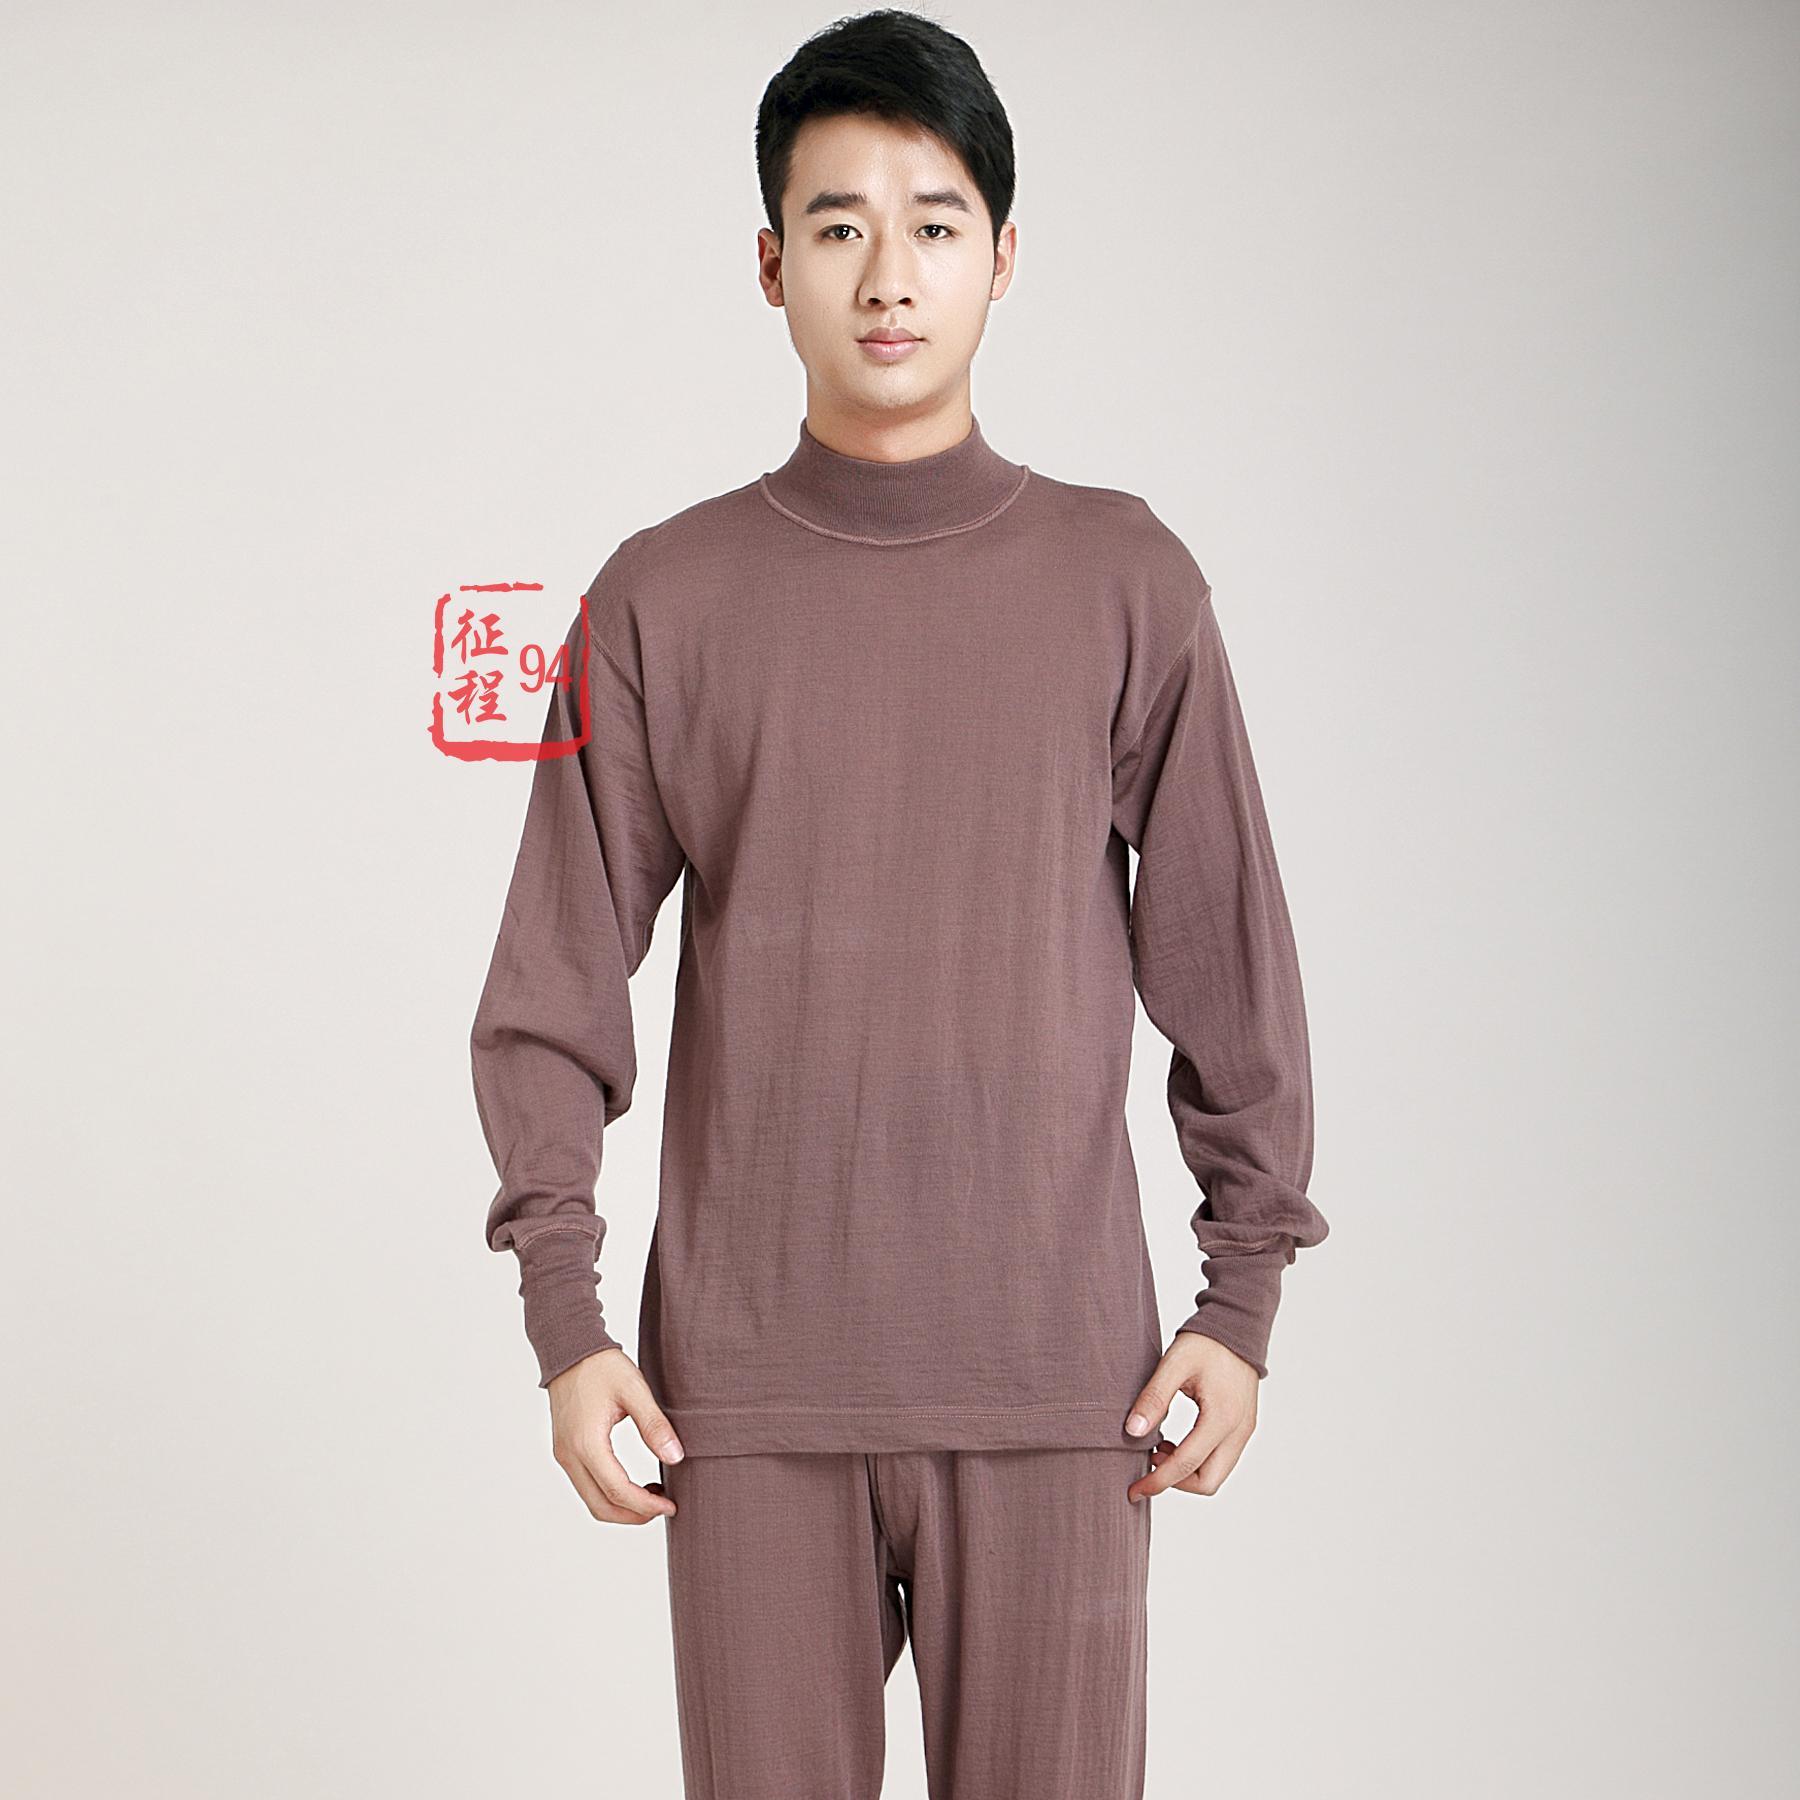 【 подлинный 】59 свитер брюки пилот чистой шерсти внутри тепло нижнее белье зимний сохраняющий тепло домой мужчина холодный осень и зима